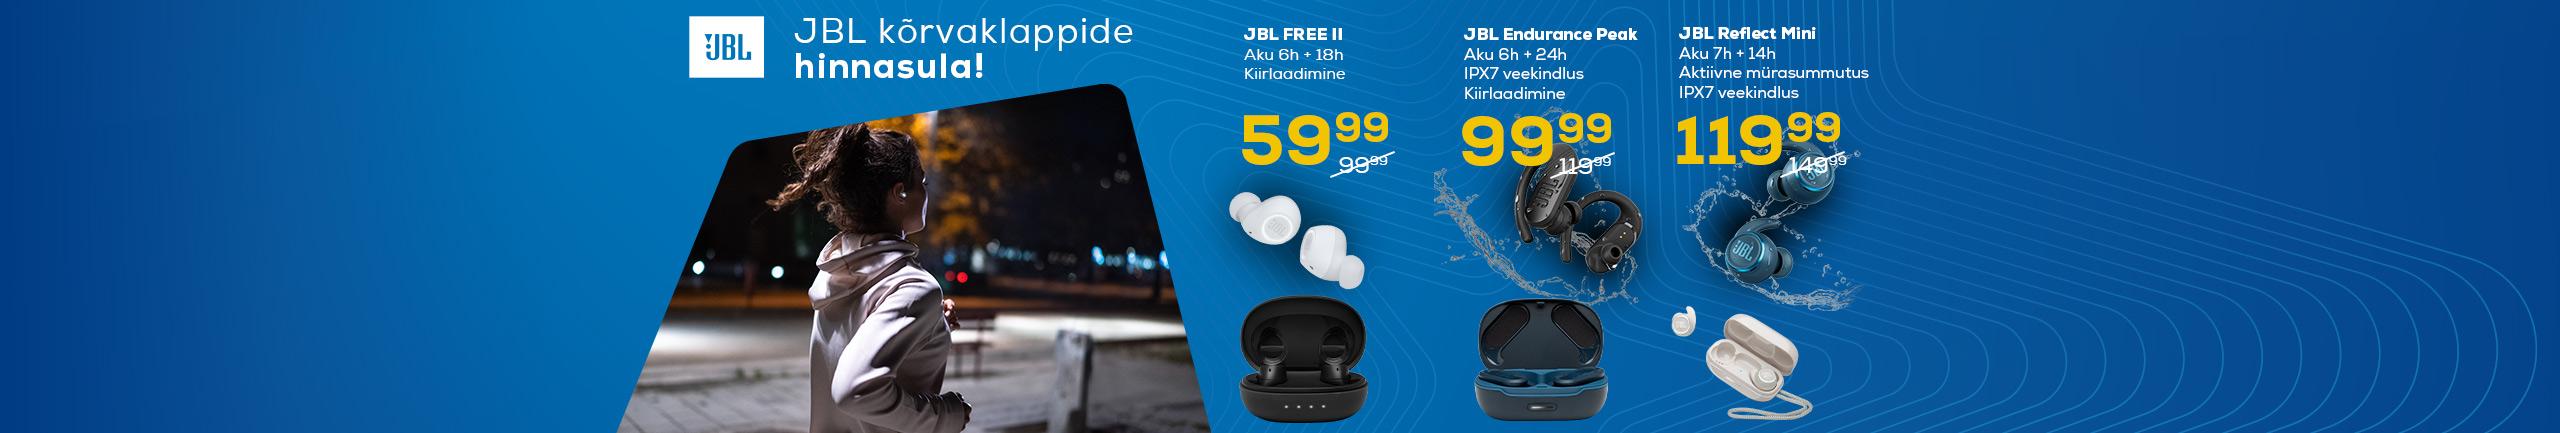 JBL headphones sale!